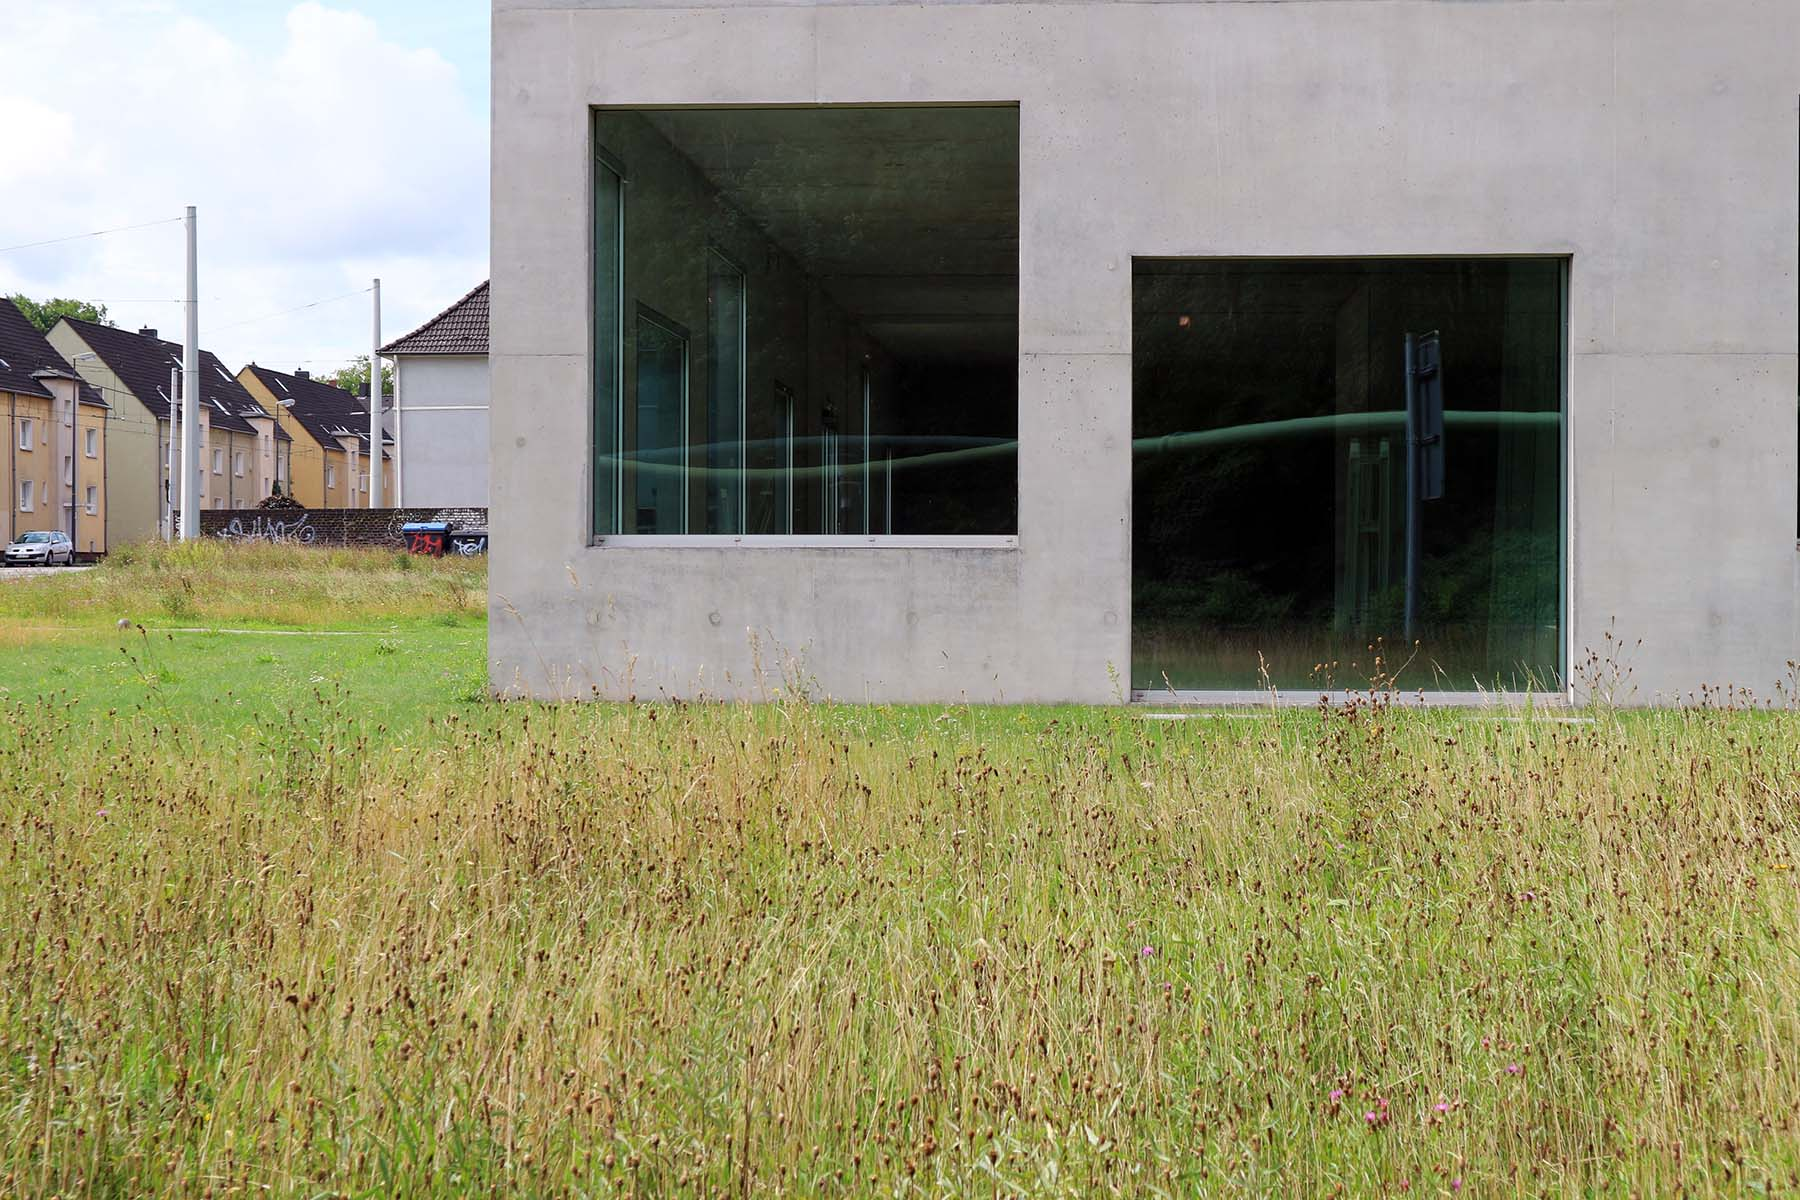 Zeche Zollverein. Unterstützt wurde SANAA (Sejima and Nishizawa and Associates) von den Architekten Nicole Berganski, Böll und Krabel.